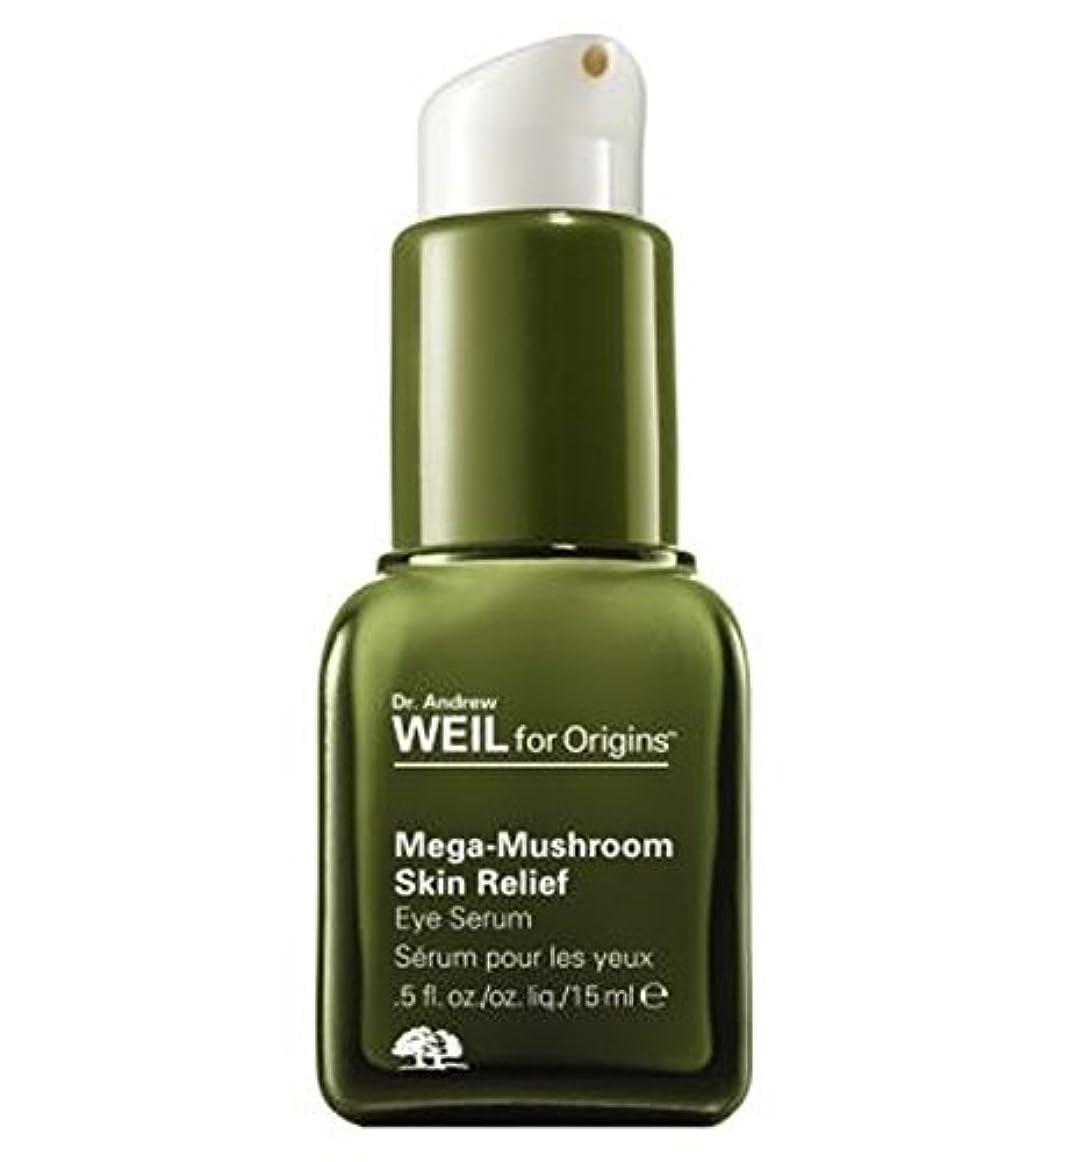 縫うレール知り合い起源Dr。アンドルー?ワイル起源メガマッシュルーム皮膚の起伏目の血清15ミリリットルのために (Origins) (x2) - Origins Dr. Andrew Weil for Origins Mega-Mushroom Skin Relief Eye Serum 15ml (Pack of 2) [並行輸入品]